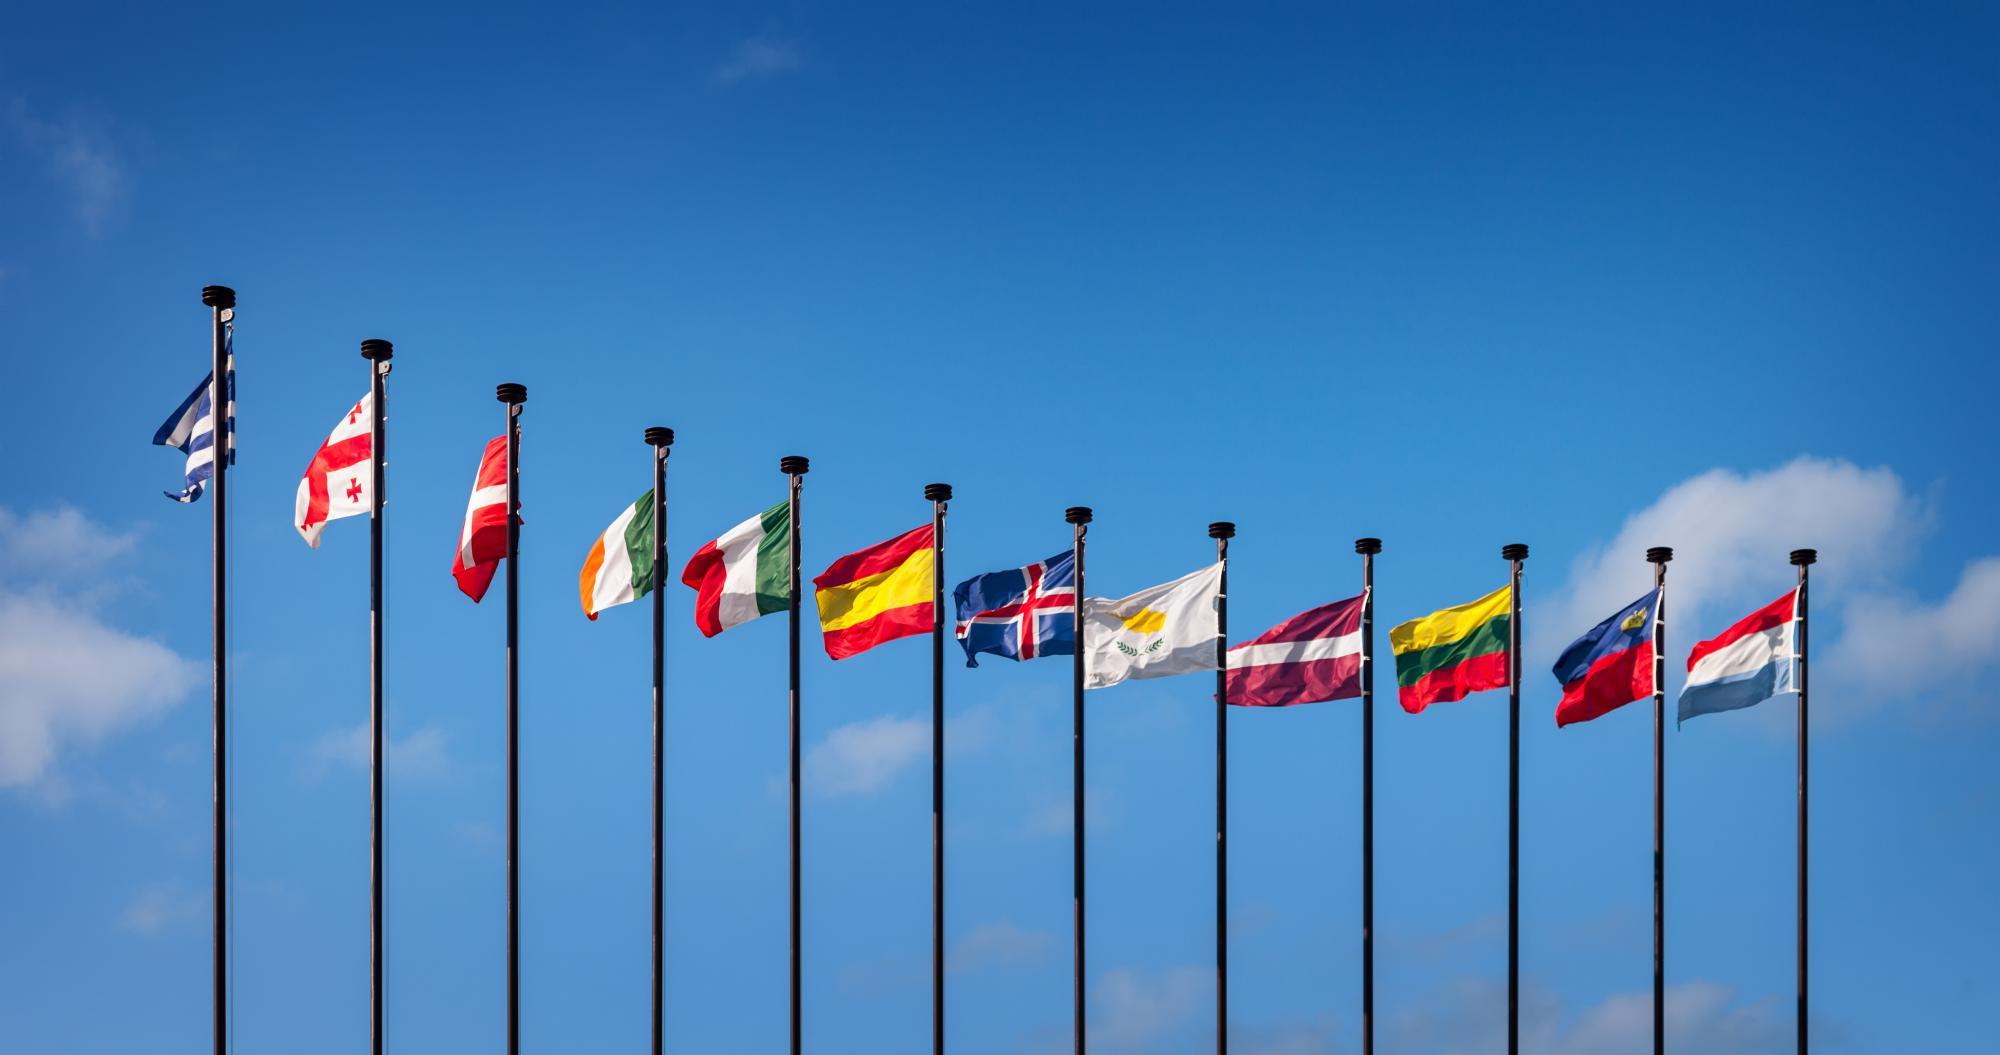 Еврокомиссия предложила комплексный подход по усилению борьбы с отмыванием денег и финансированием терроризма